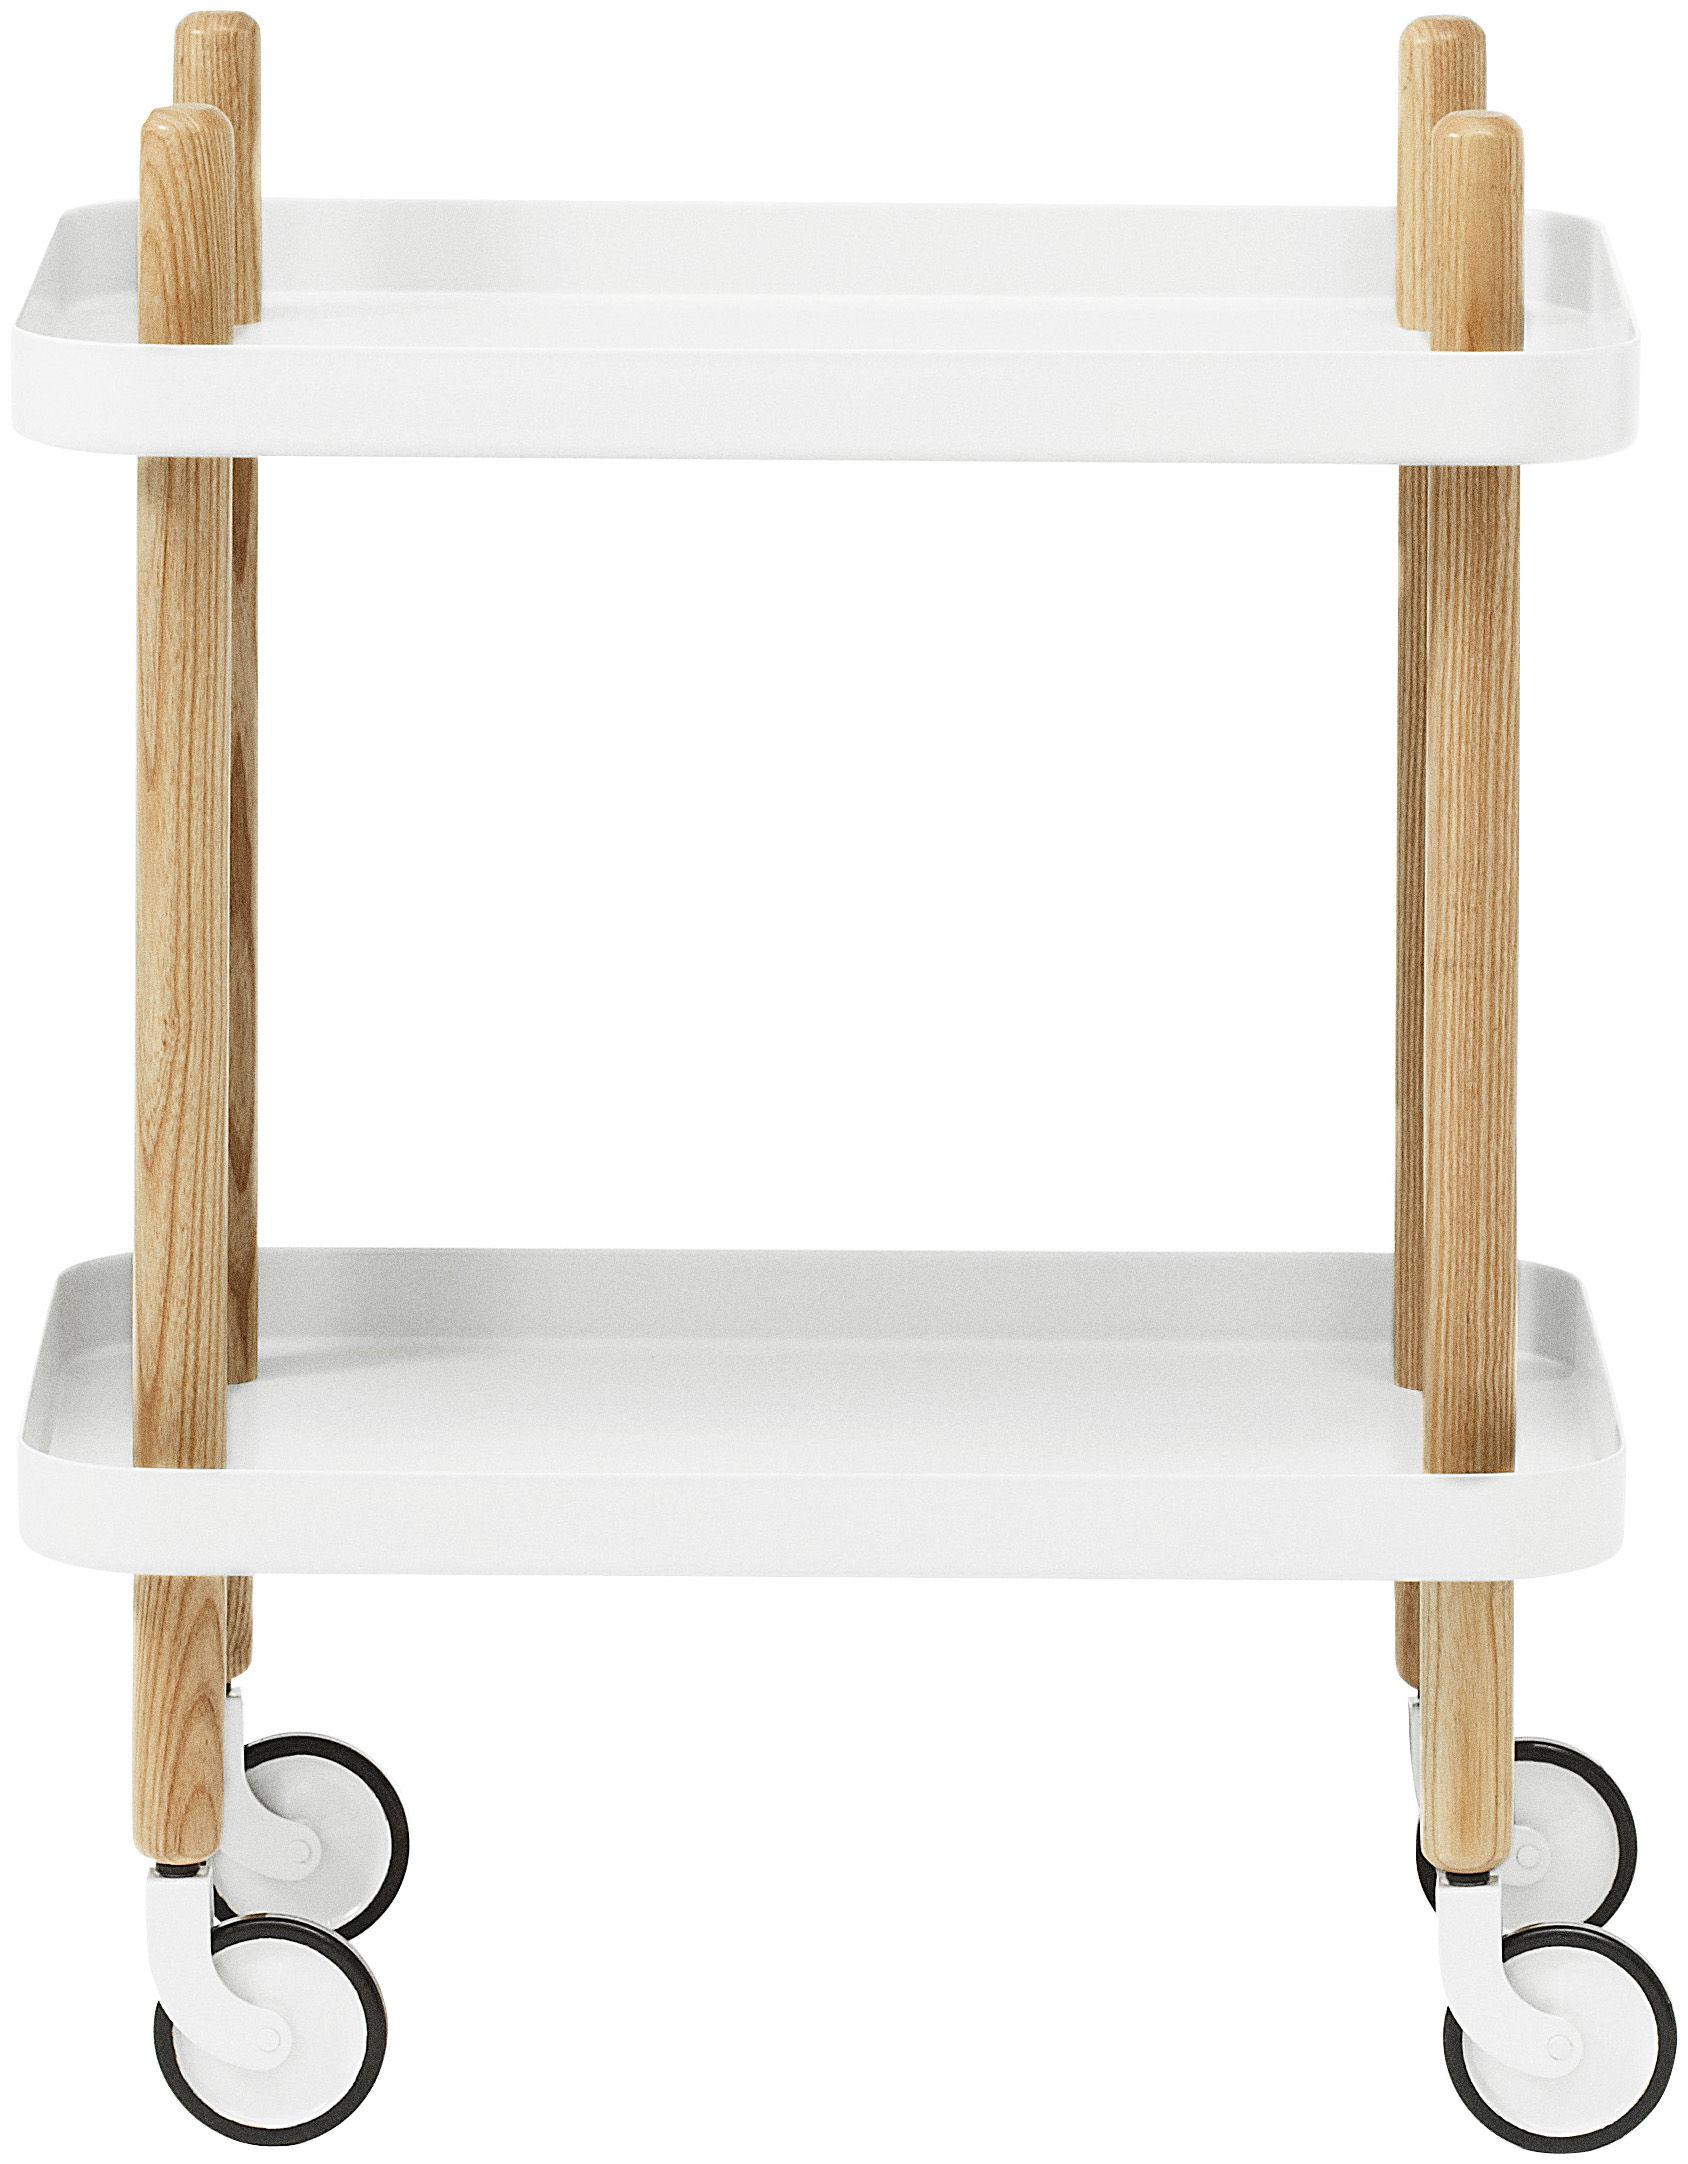 Mobilier - Compléments d'ameublement - Desserte Block /Sur roulettes - Normann Copenhagen - Blanc - Acier, Frêne